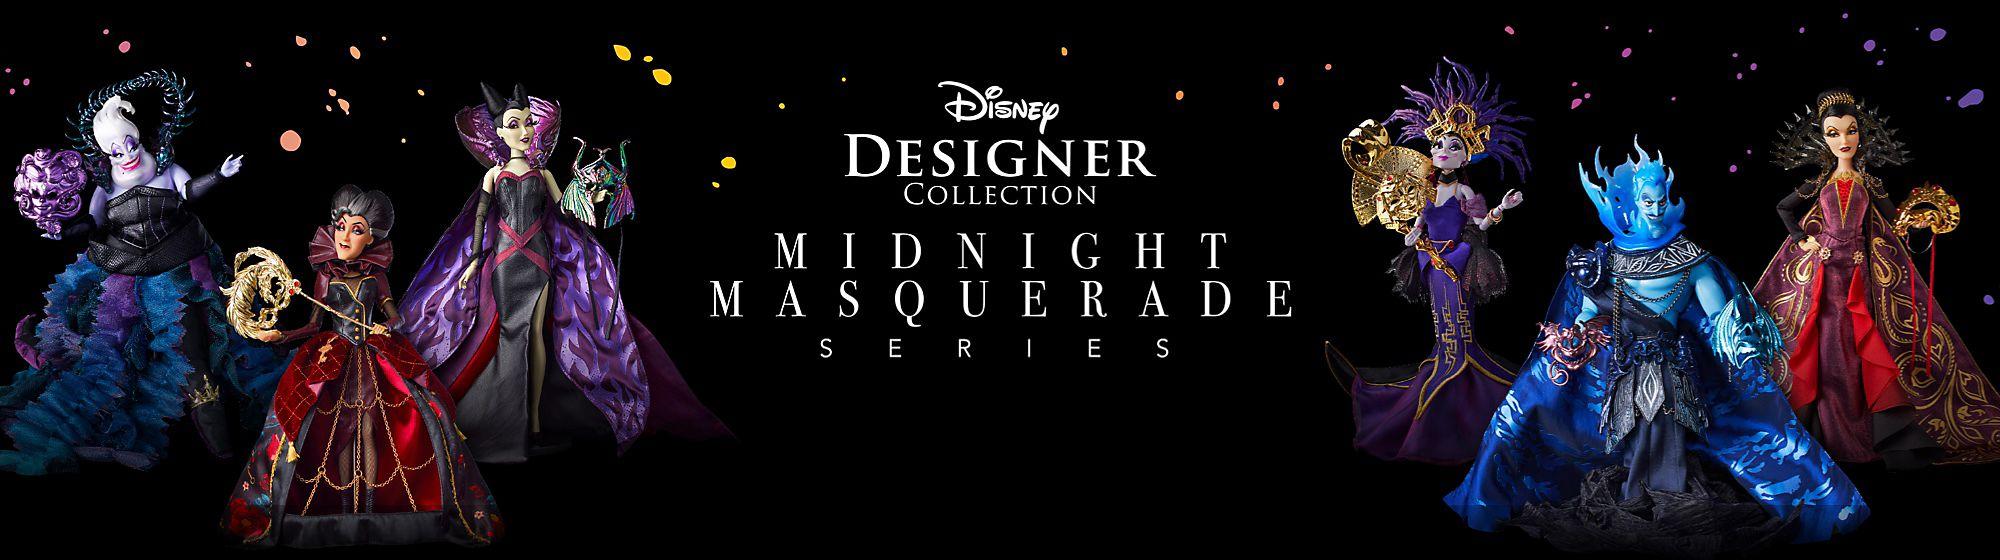 Disney Designer Collection Les personnages Disney Villains débarquent dans la gamme Midnight Masquerade. EN SAVOIR PLUS